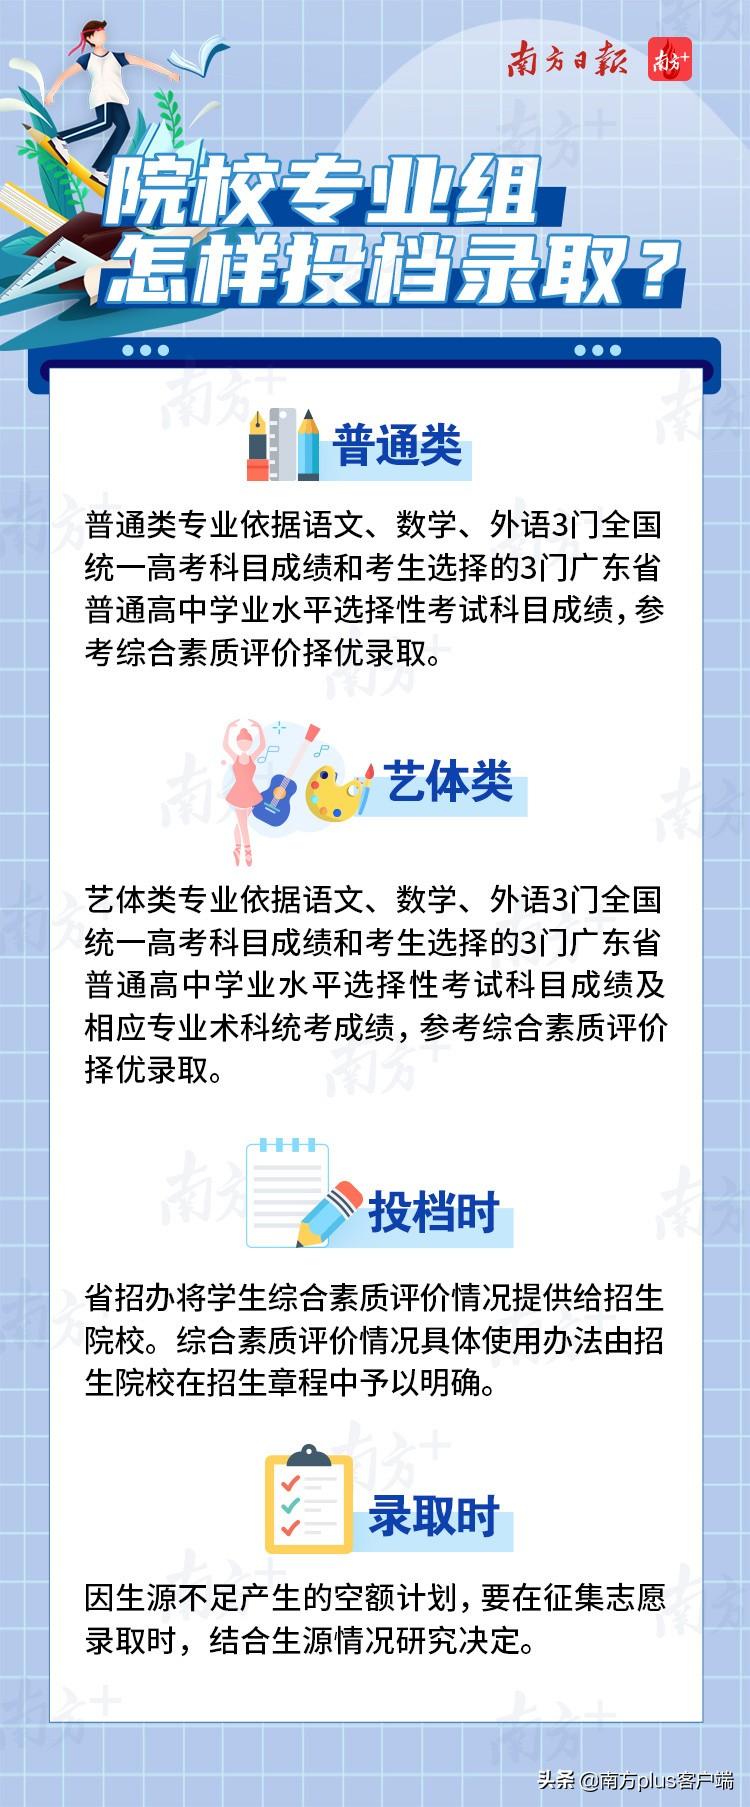 广东新高考落地方案公布!普通类本专科批次有90个平行志愿